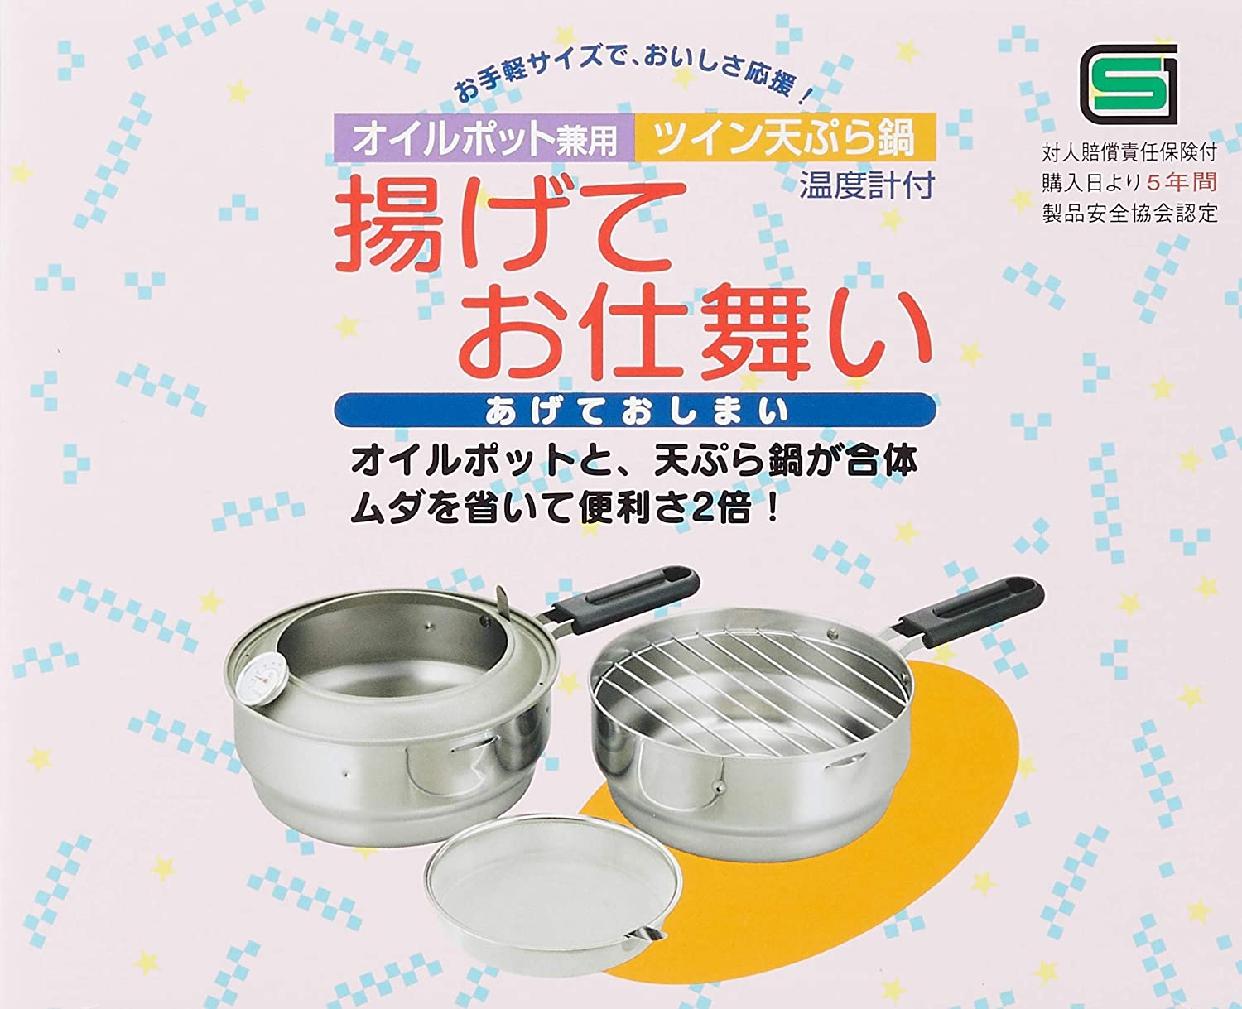 kakusee(カクセー) 揚げてお仕舞い天ぷら鍋 シルバーの商品画像7